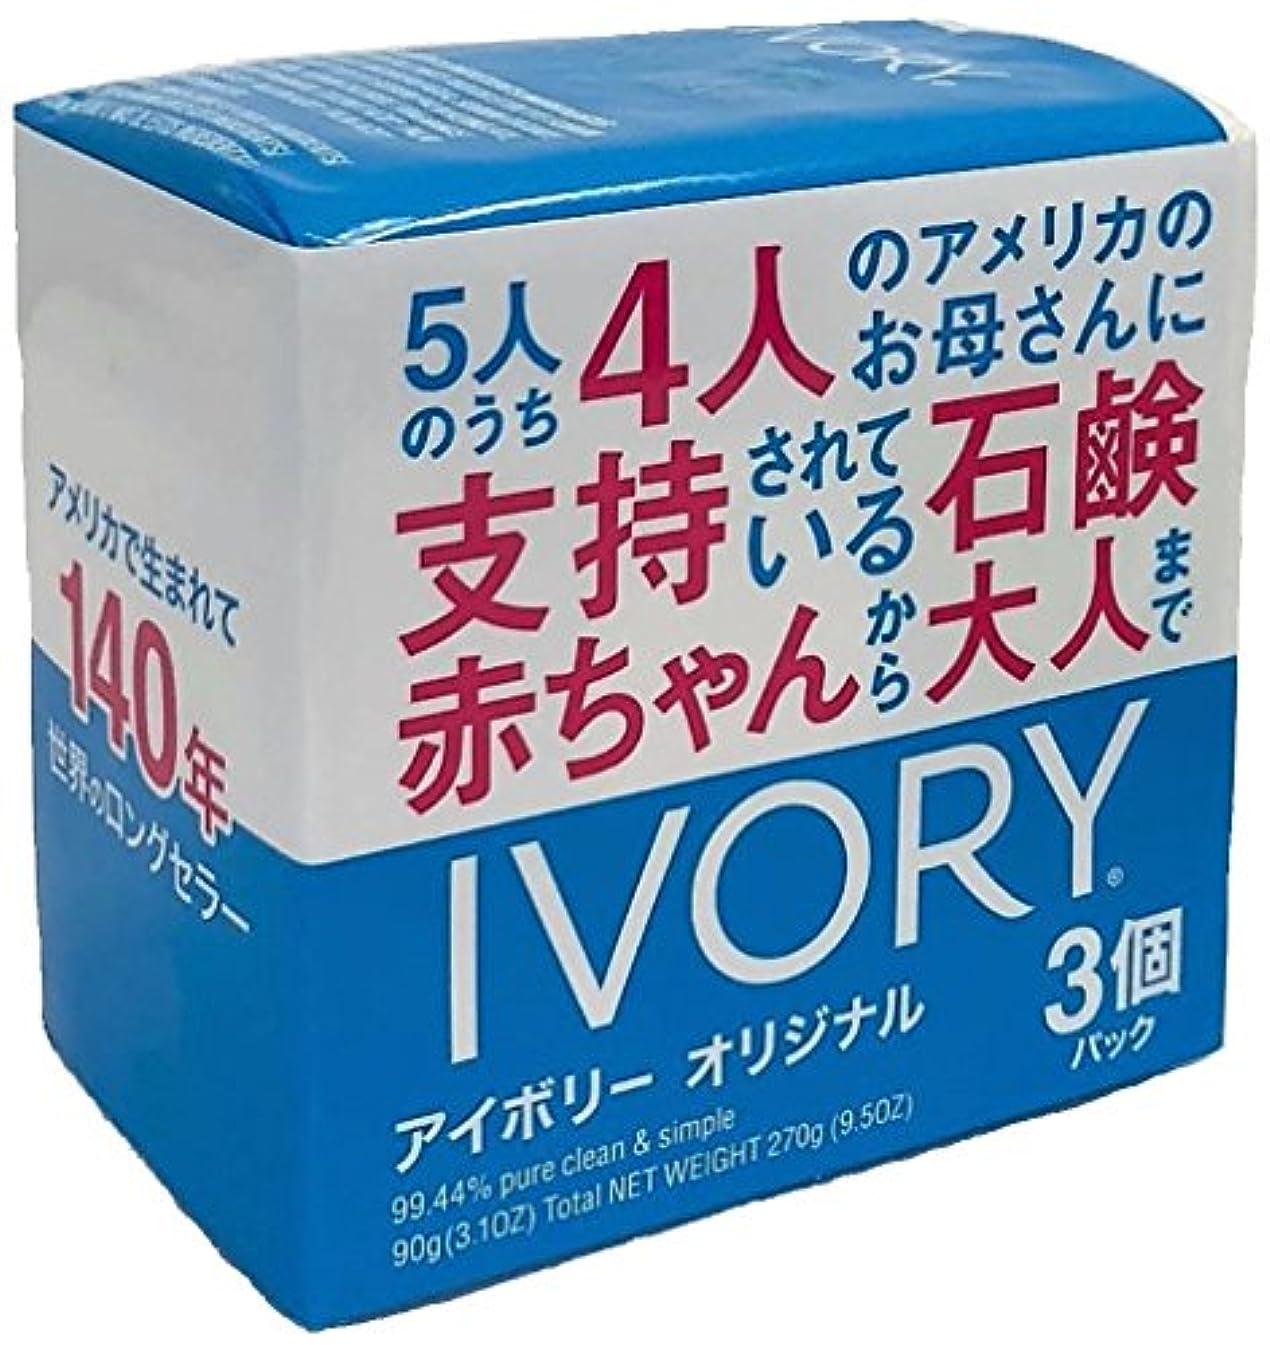 復讐心理学固有のIVORY (アイボリー) ソープ オリジナル 3個バンドル